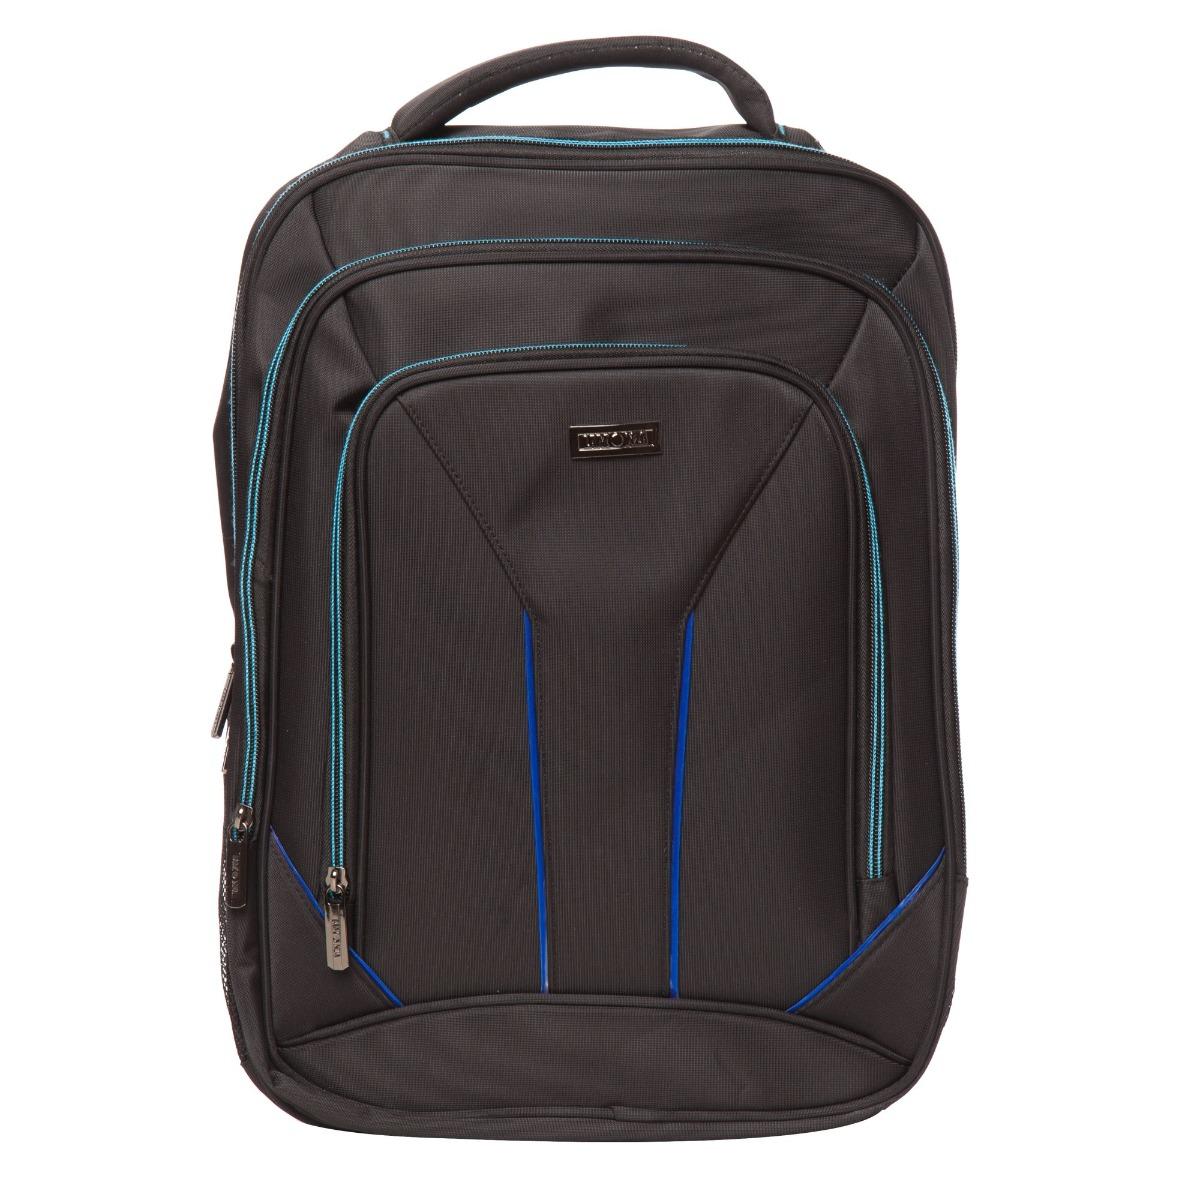 Rucsac pentru laptop Lamonza Toledo, Albastru, 42 cm imagine